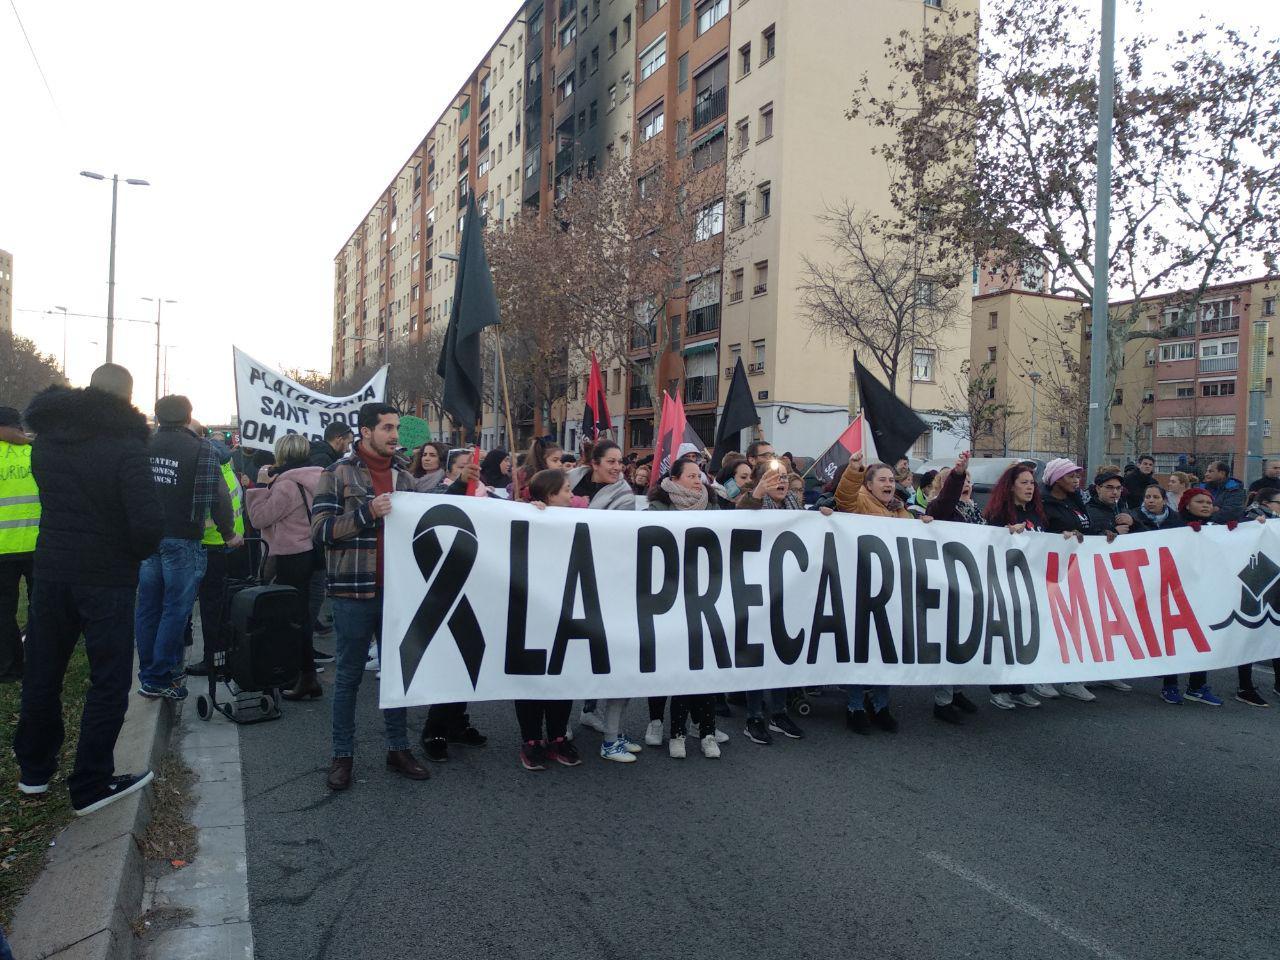 'No són incendis, són assassinats' criden els manifestants de Sant Roc a Badalona